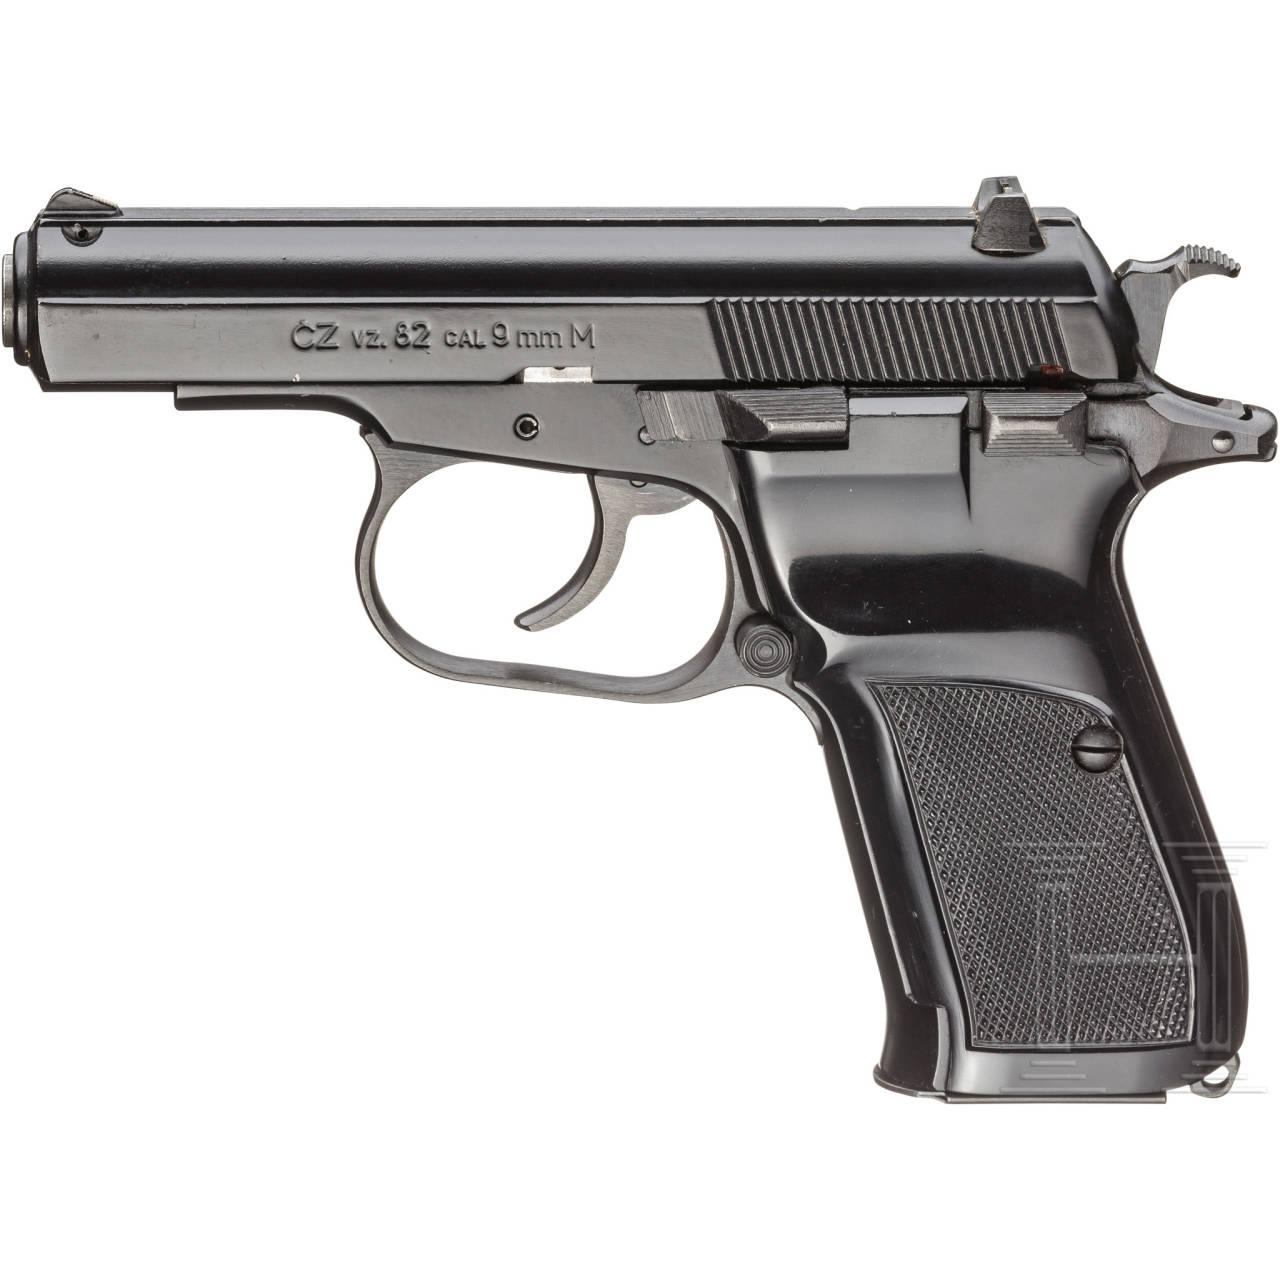 CZ Mod. 82, Ordonnanz Militär und Polizei